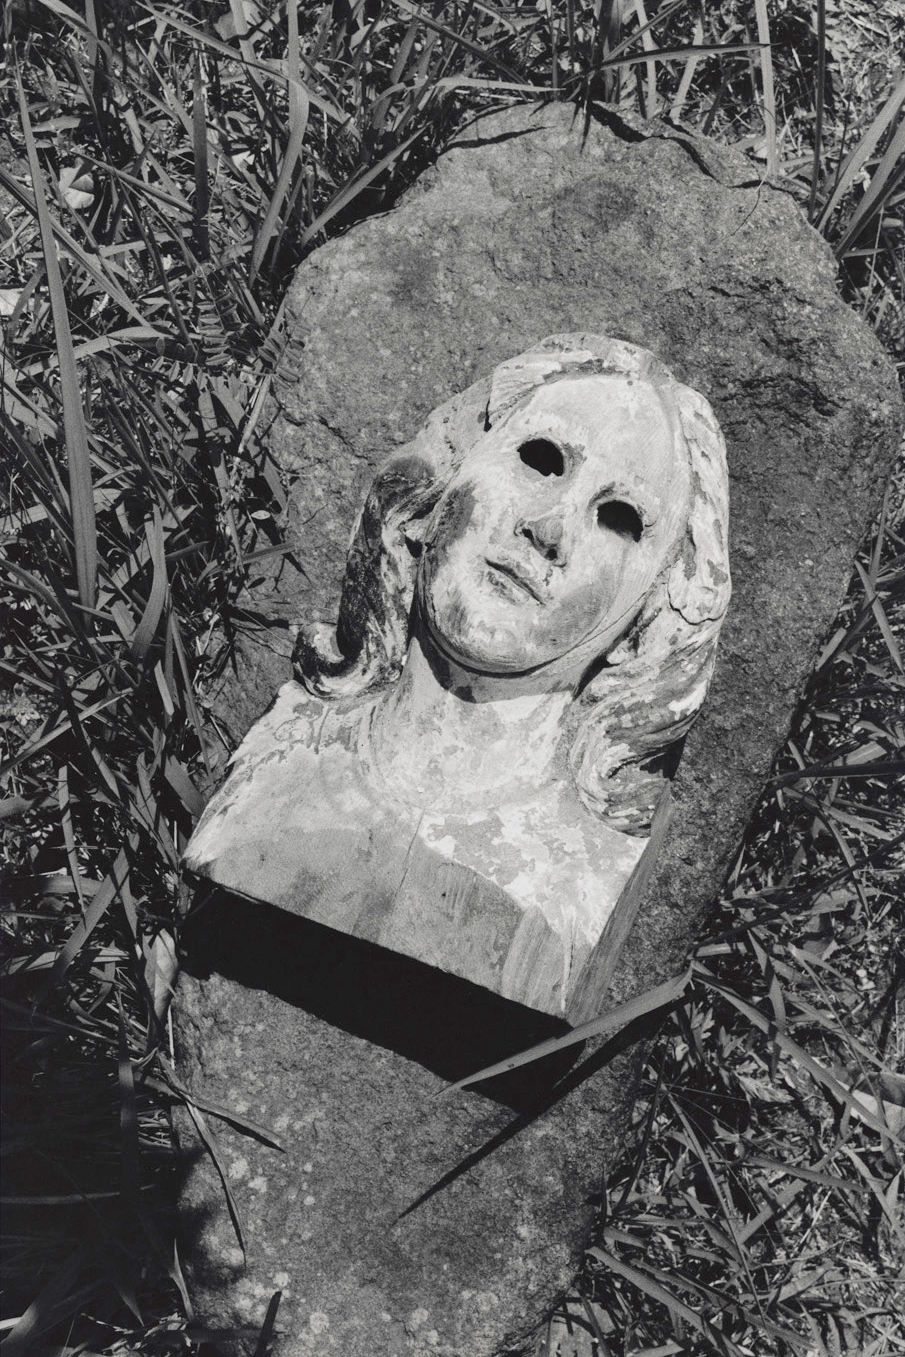 被爆したマリア像。かつてカトリック浦上天主堂の祭壇にあった木製の聖母像。この像のモデルはムリーリョ作『無原罪の御宿り』と伝えられる(長崎、1998年)©Yoshino Oishi